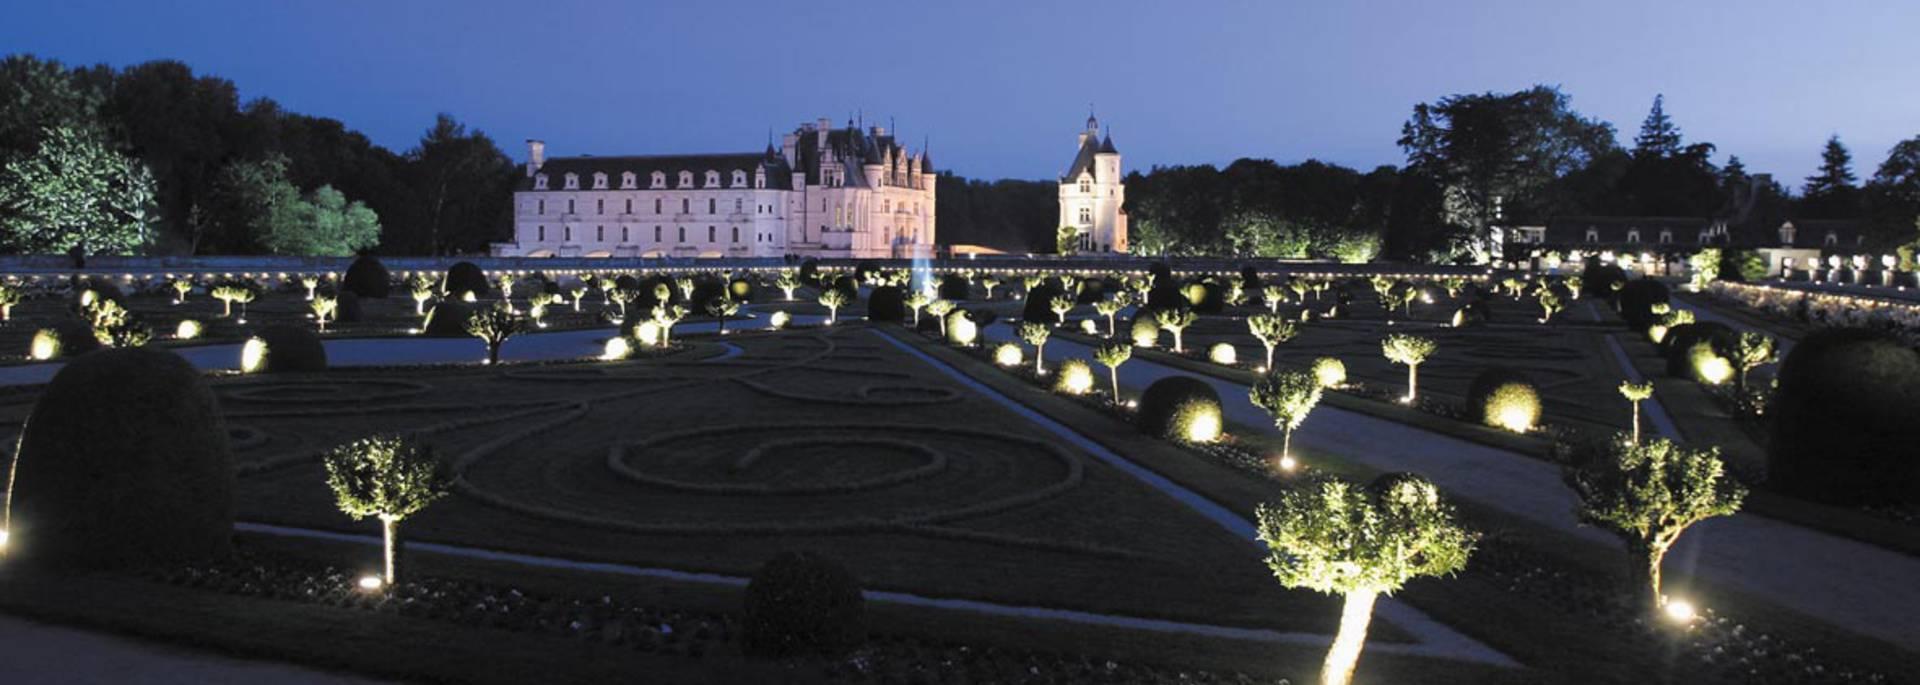 El Castillo de Chenonceau de noche © Imágenes de Marc